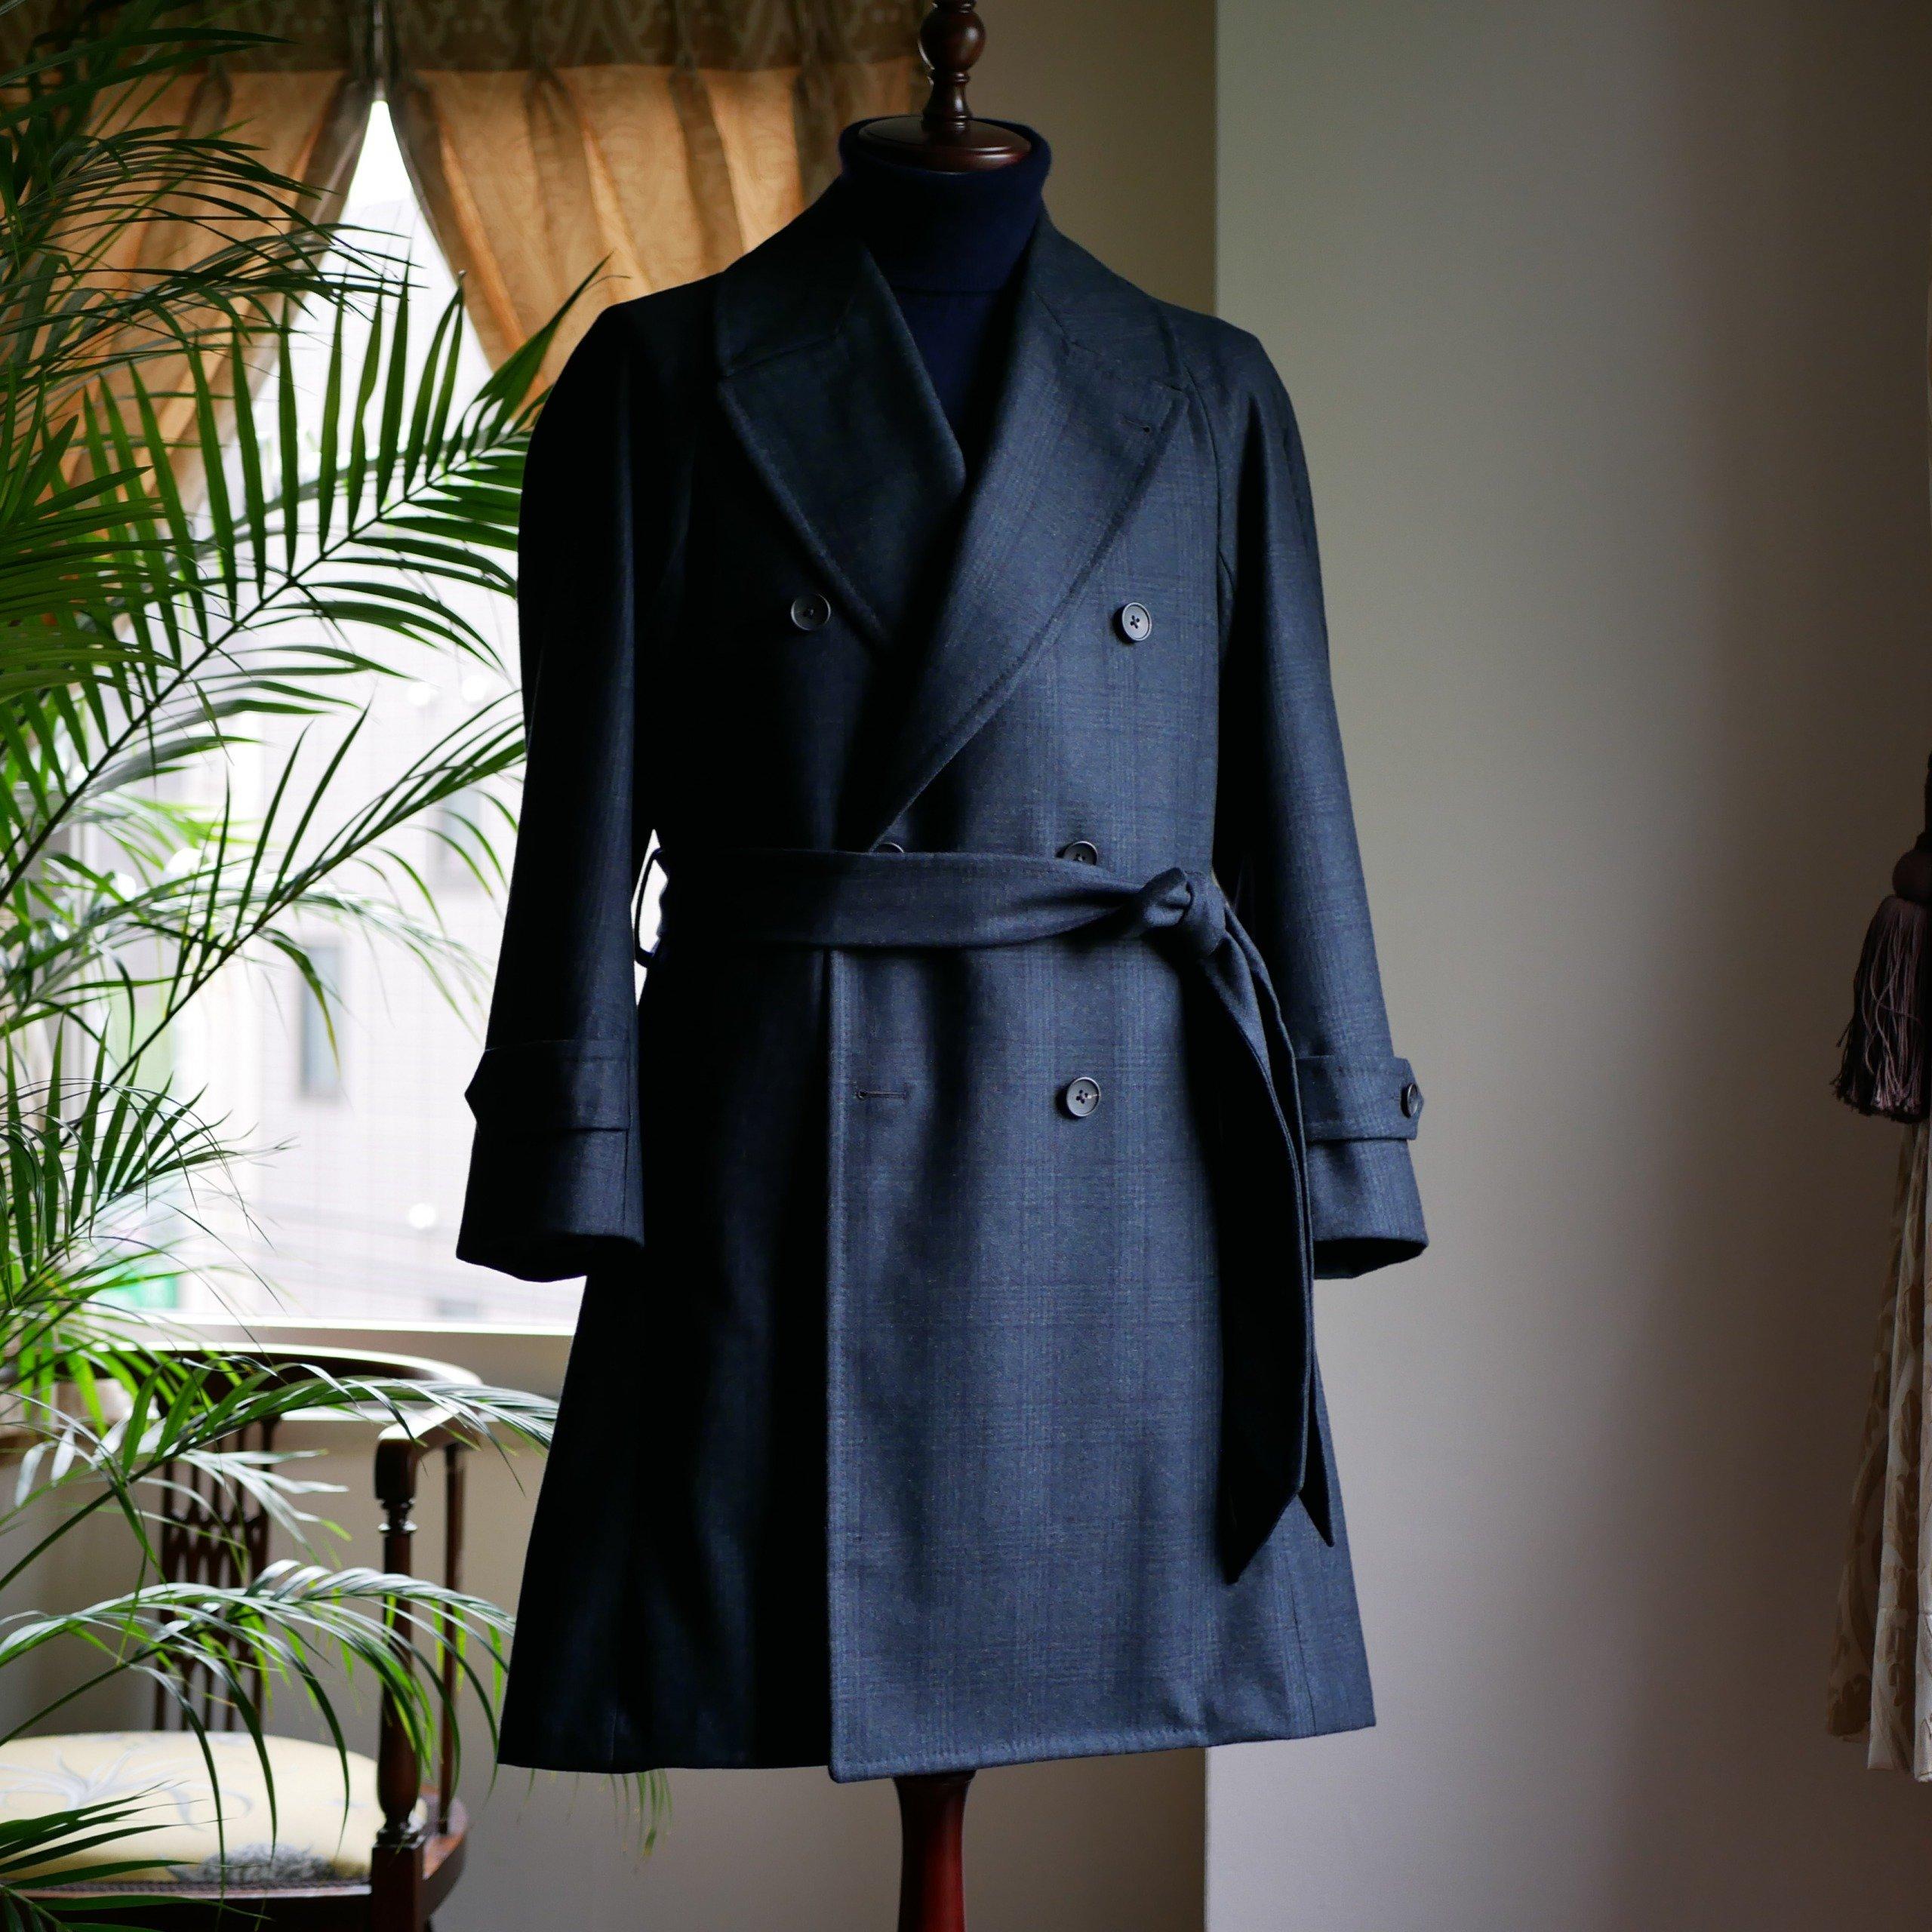 Overcoat_20201106_overcoat_25.jpg